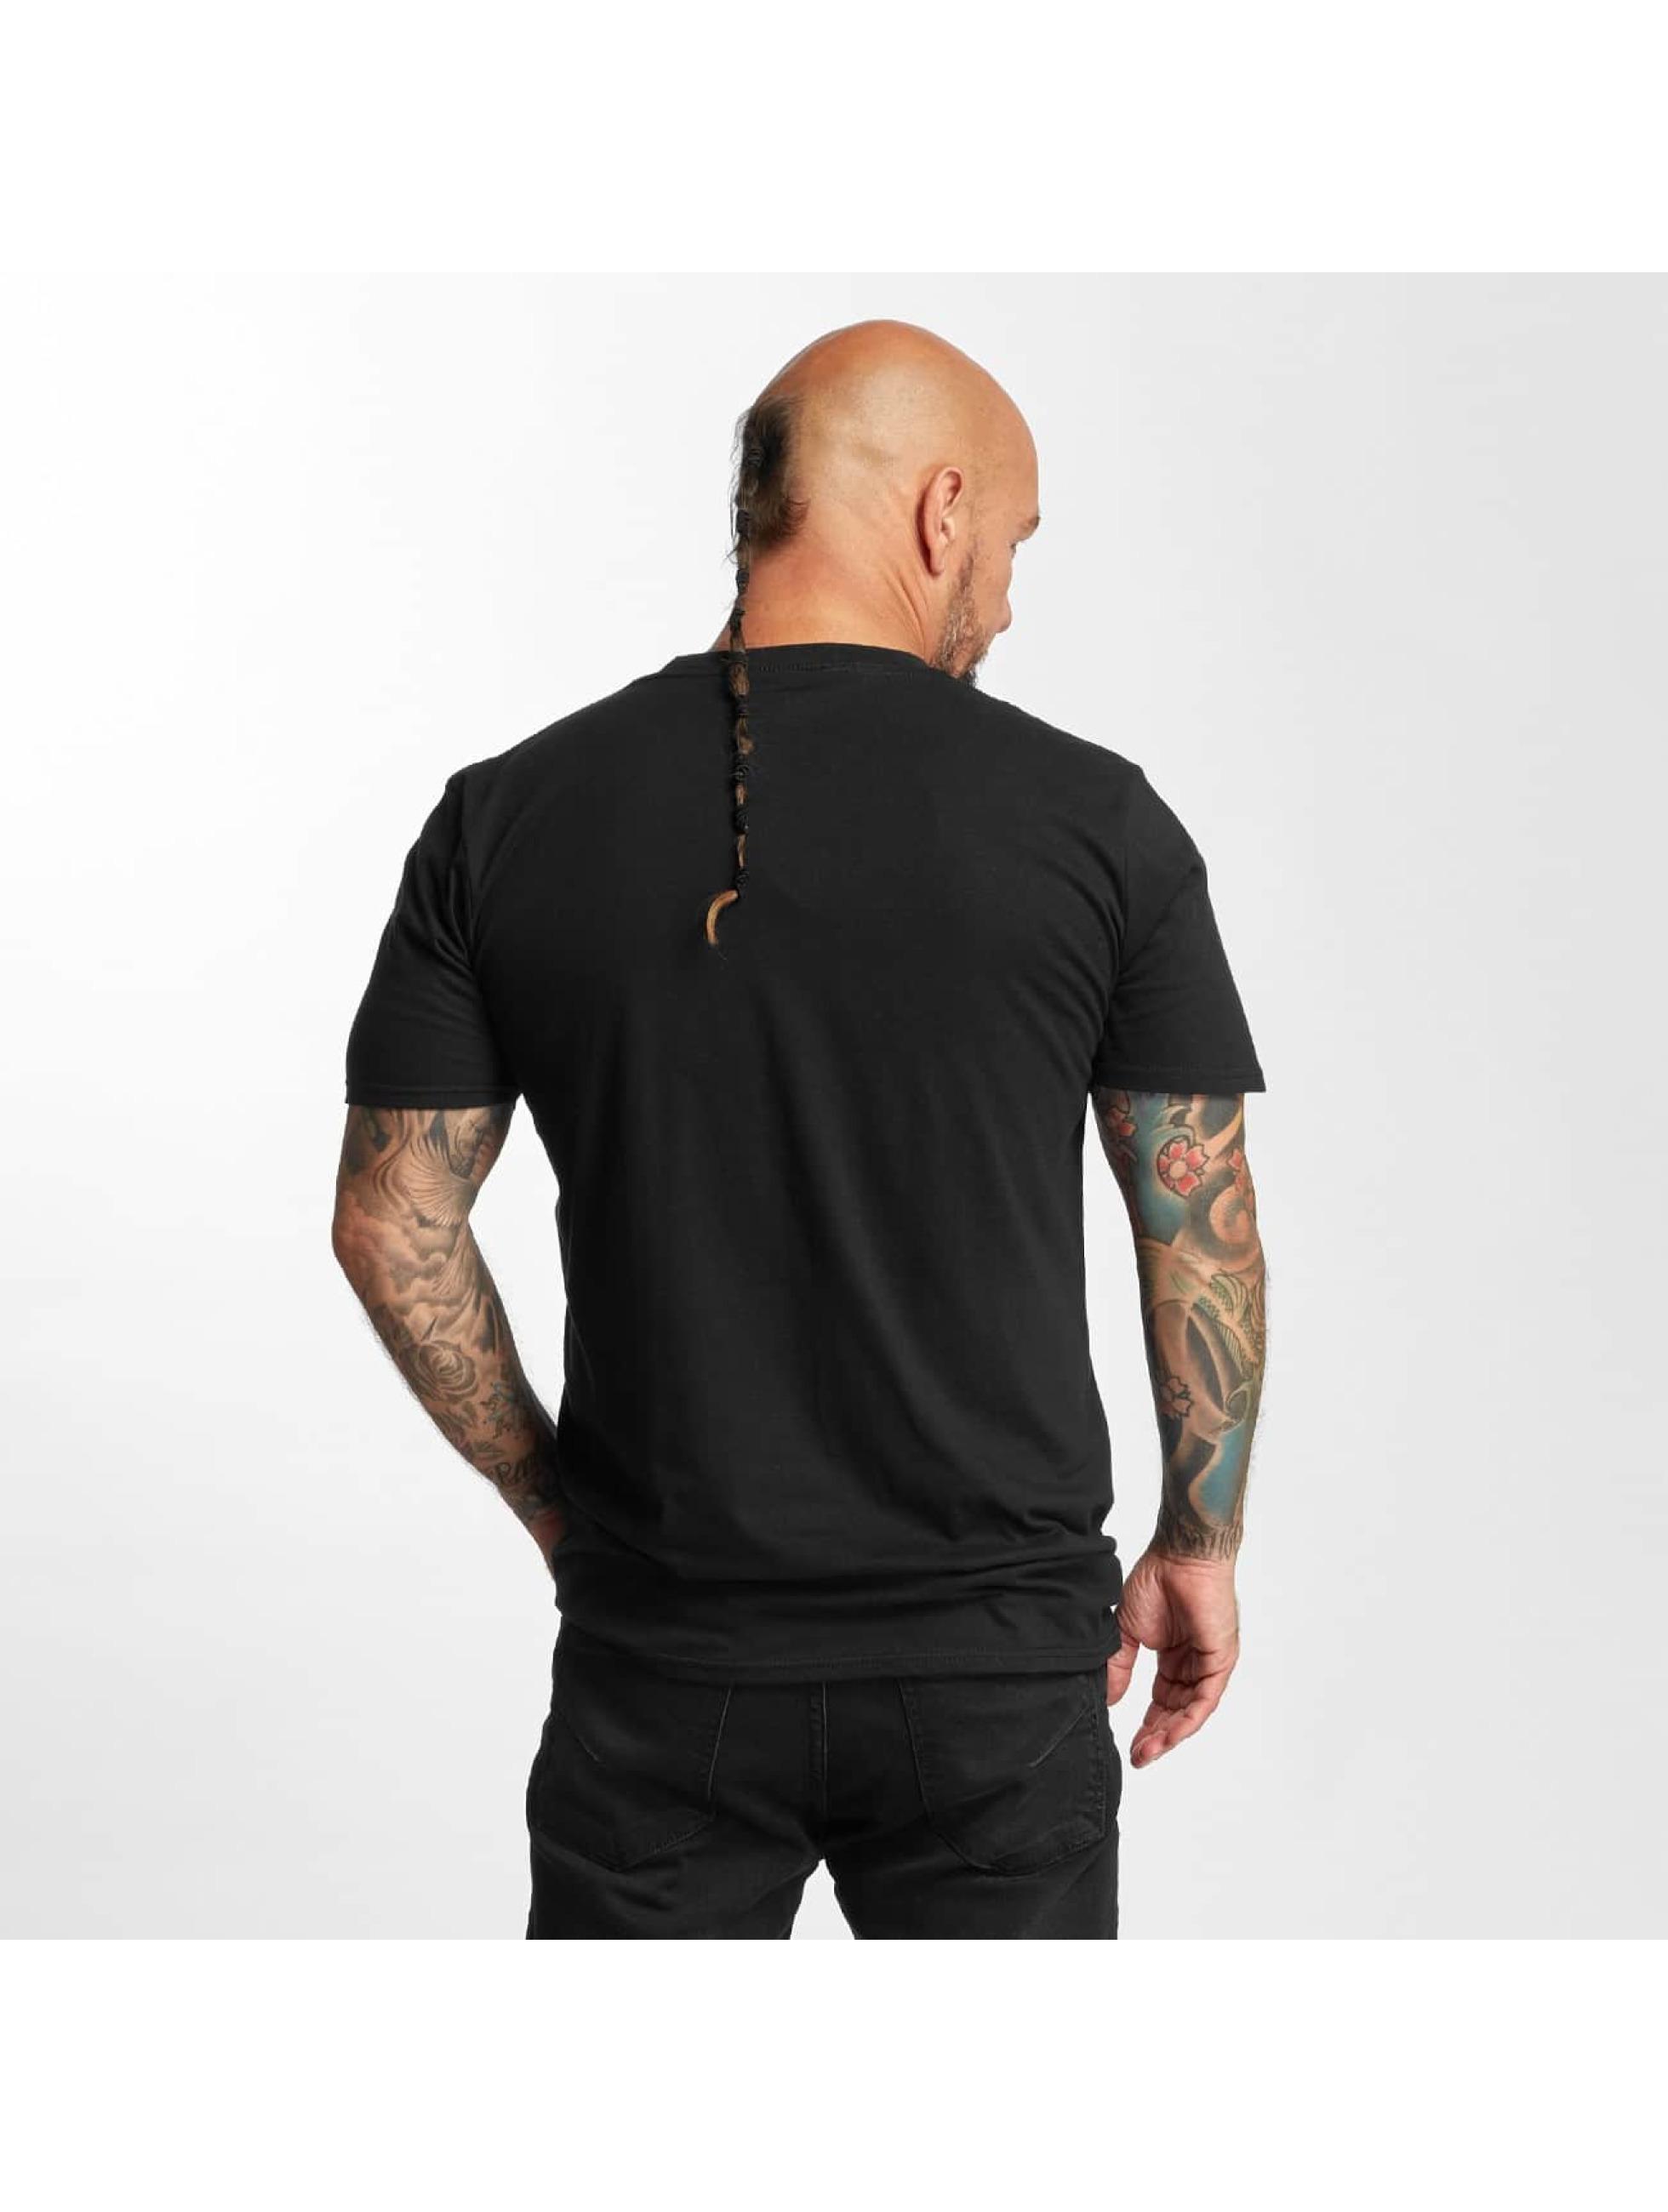 I Love Tattoo T-Shirt Anker black